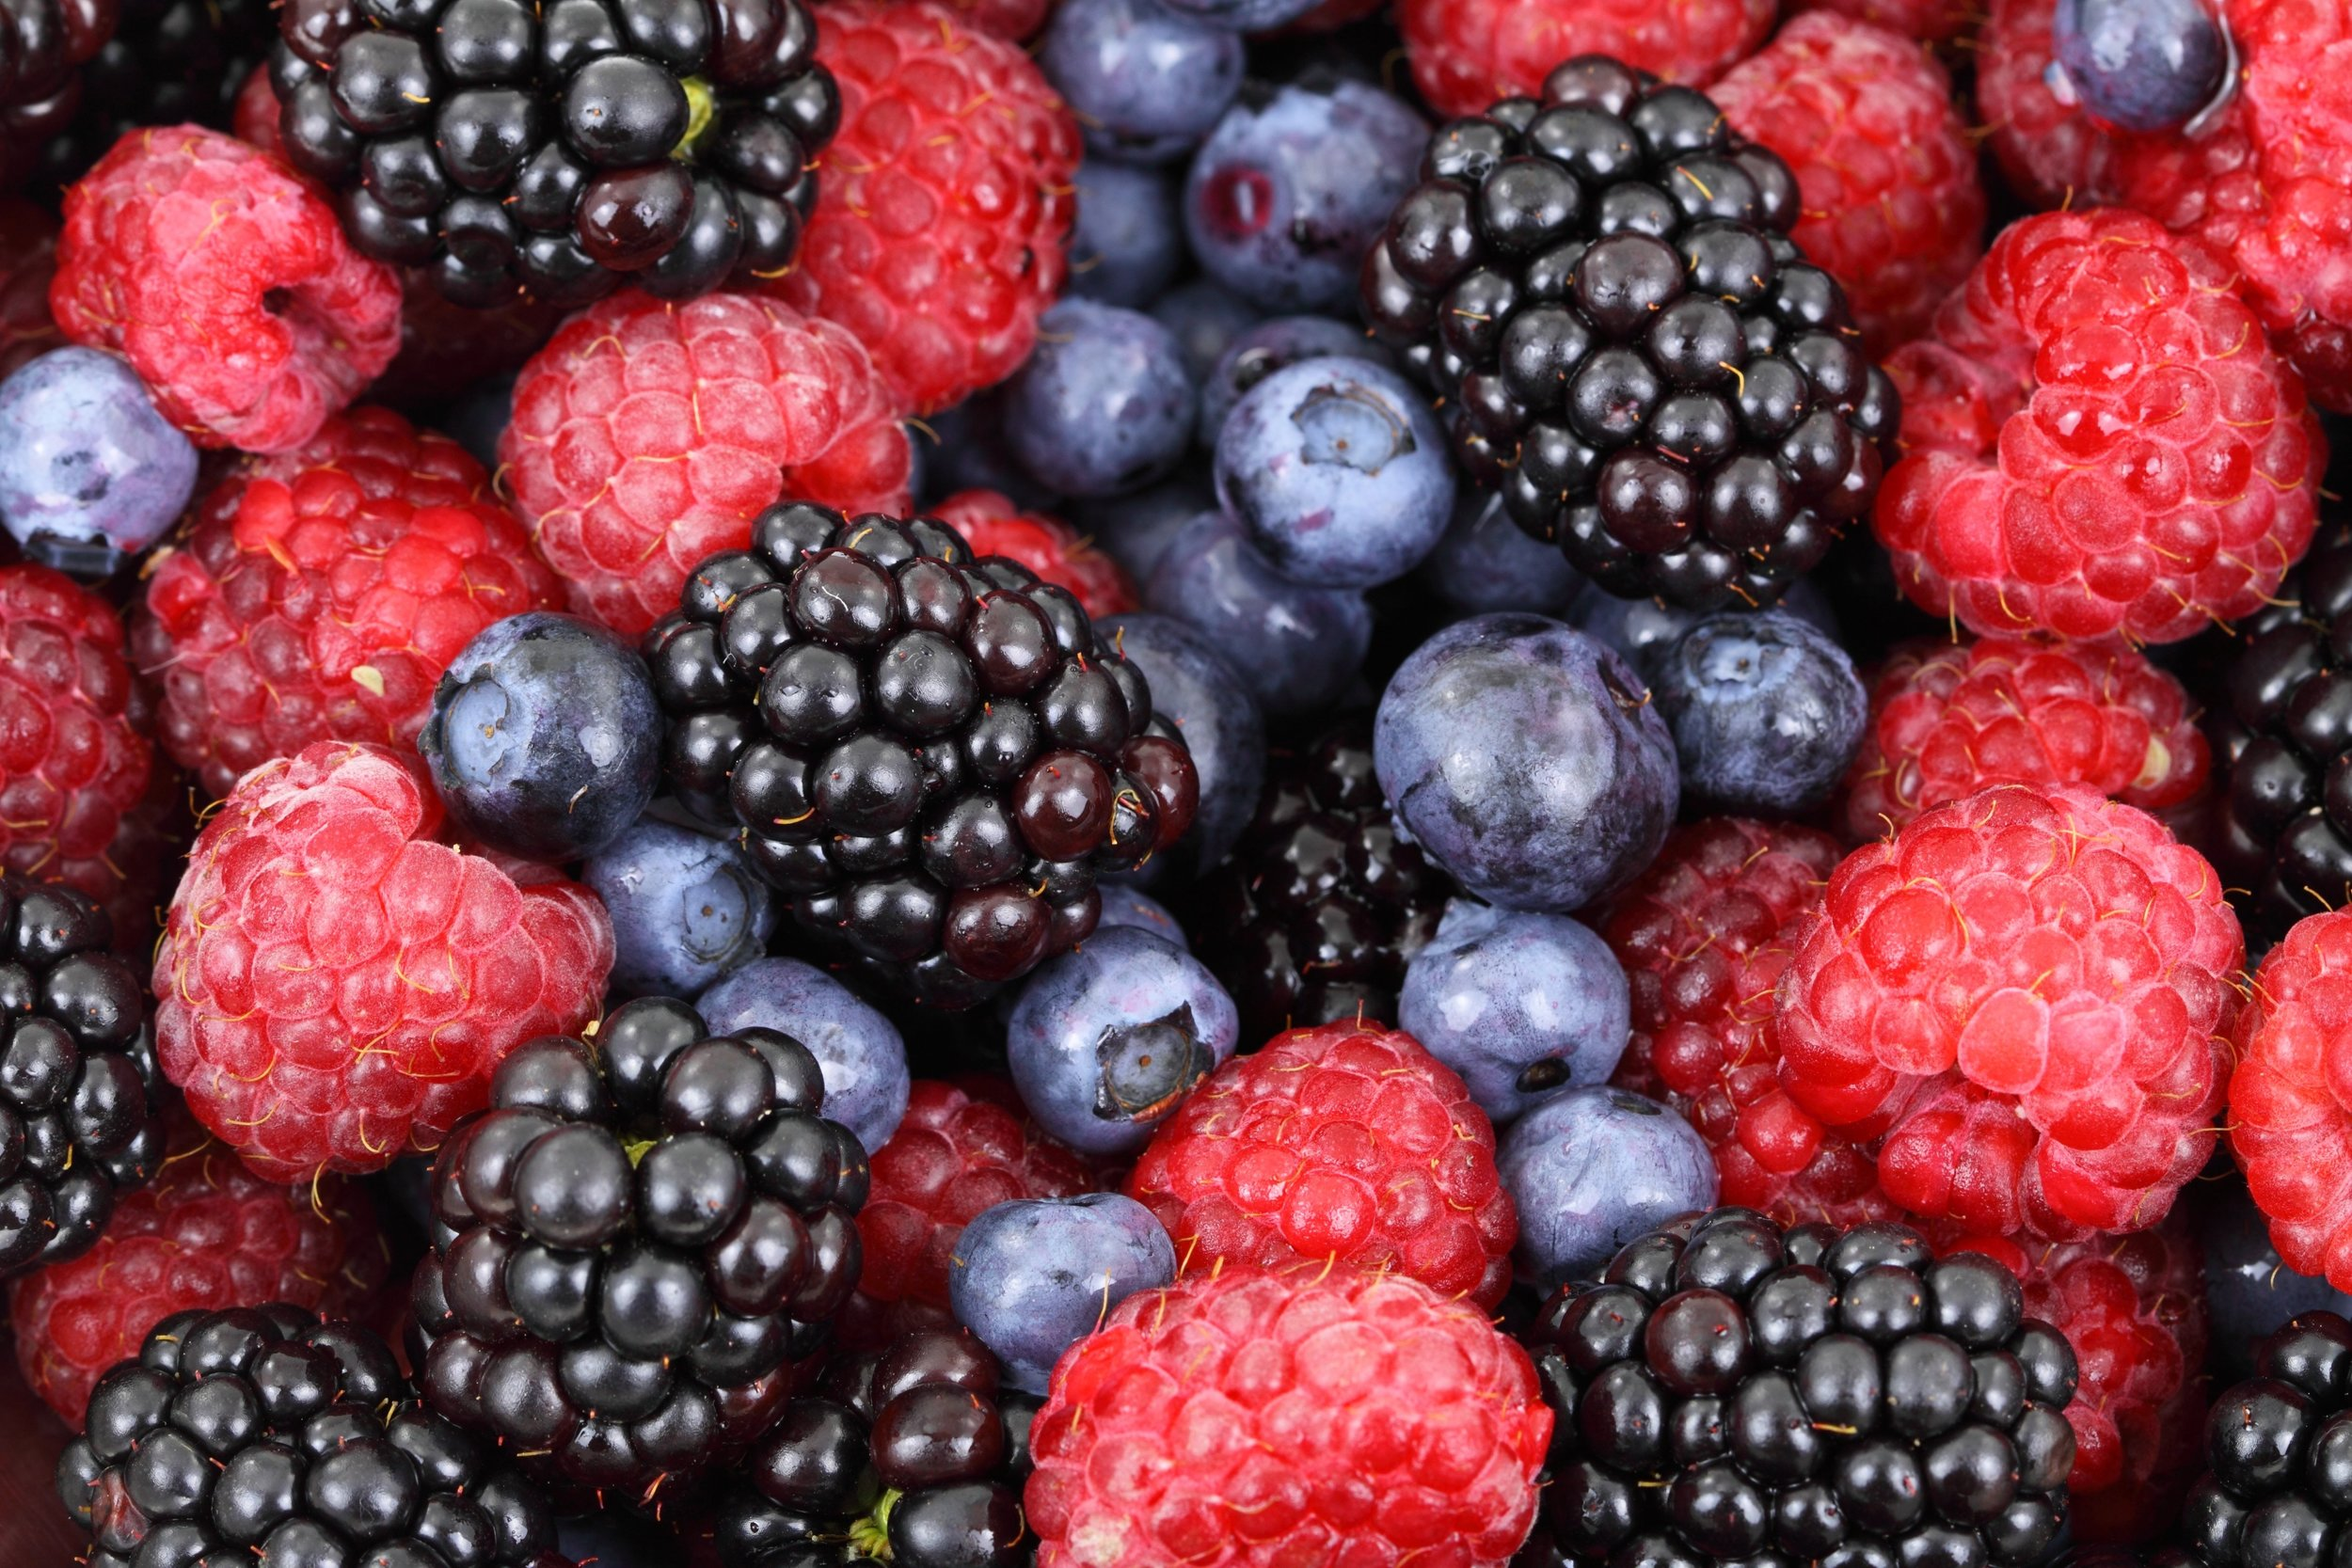 berries-blackberries-blueberries-87818.jpg